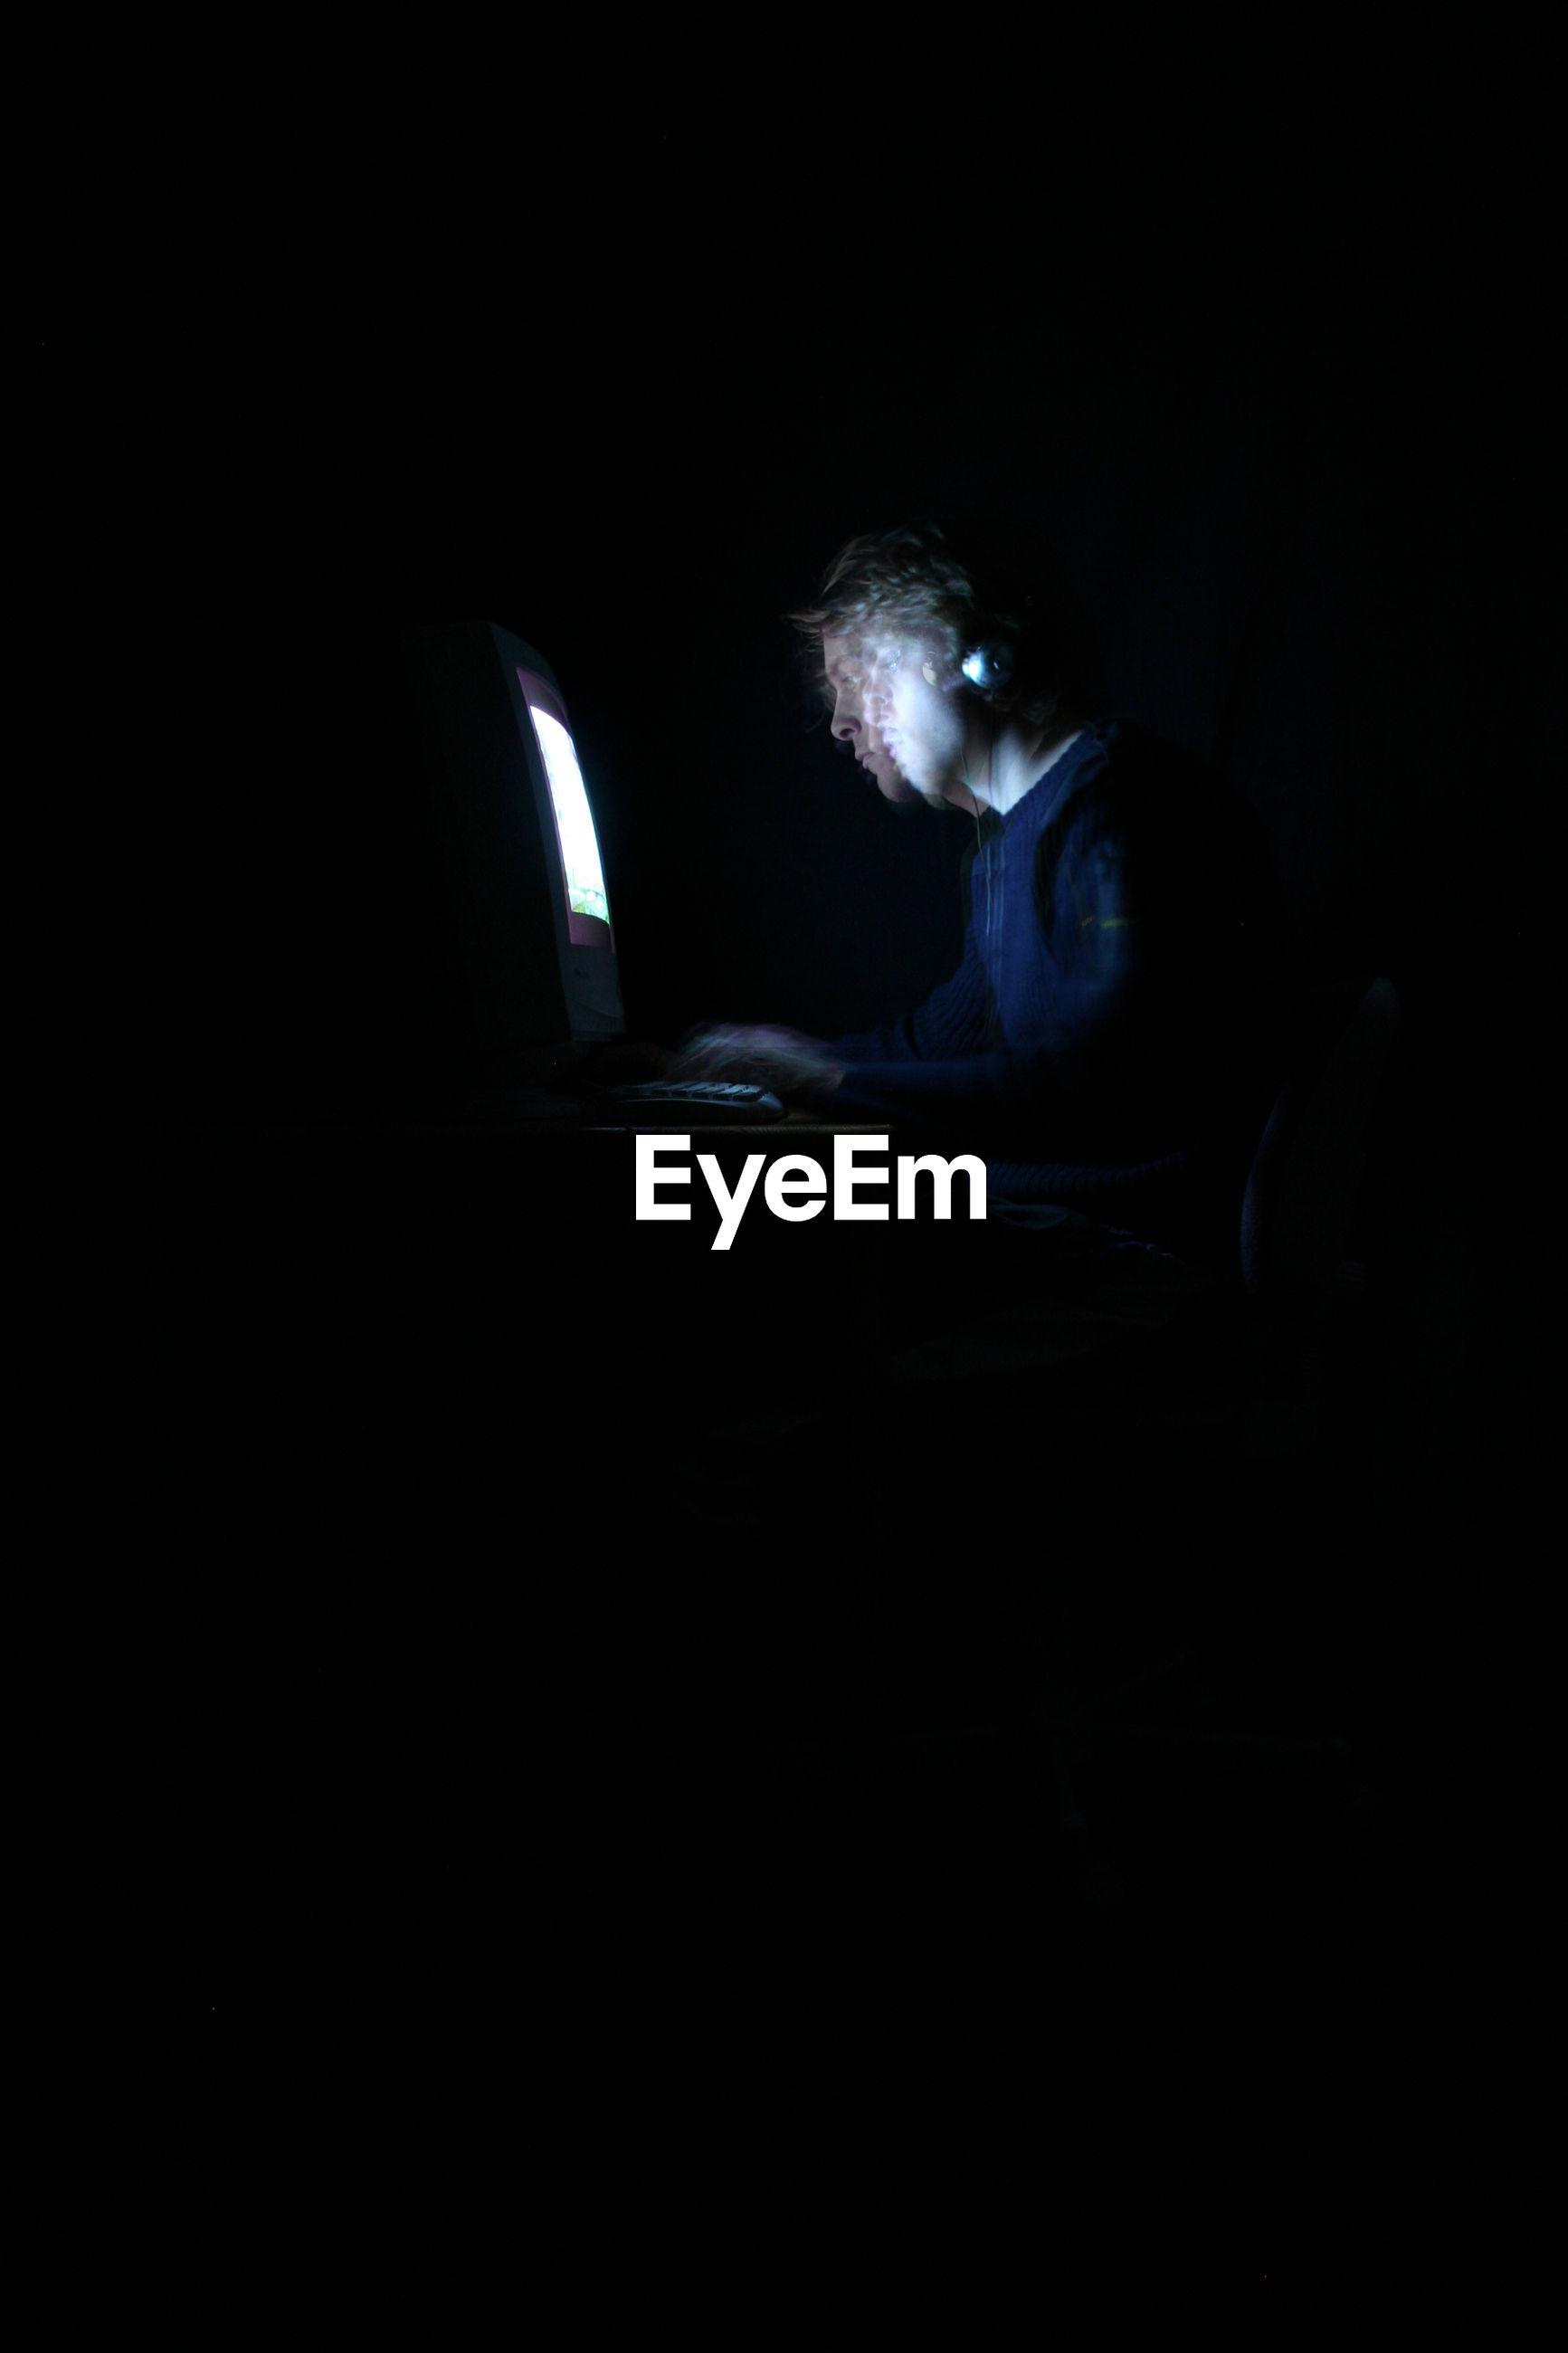 Double exposure of man working on computer in dark